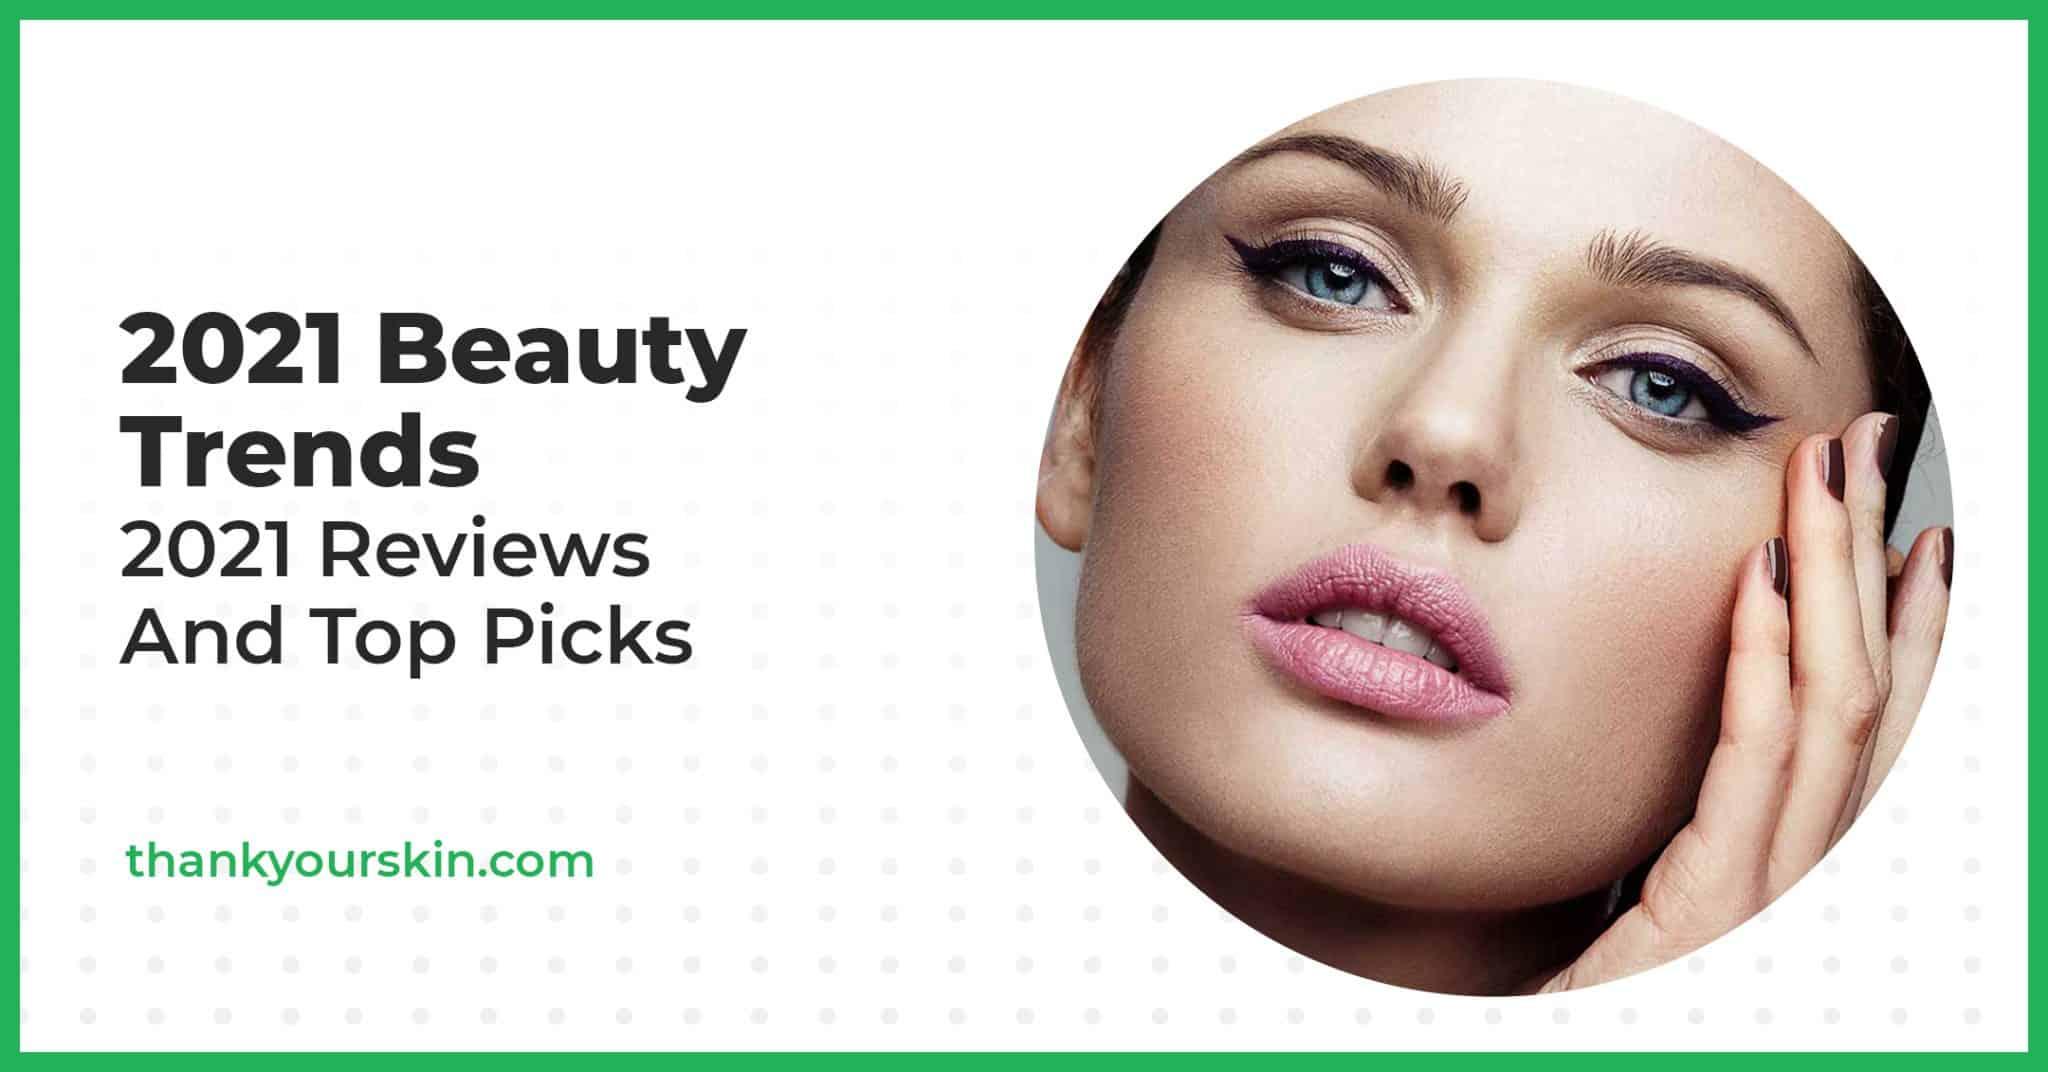 2021 beauty trends